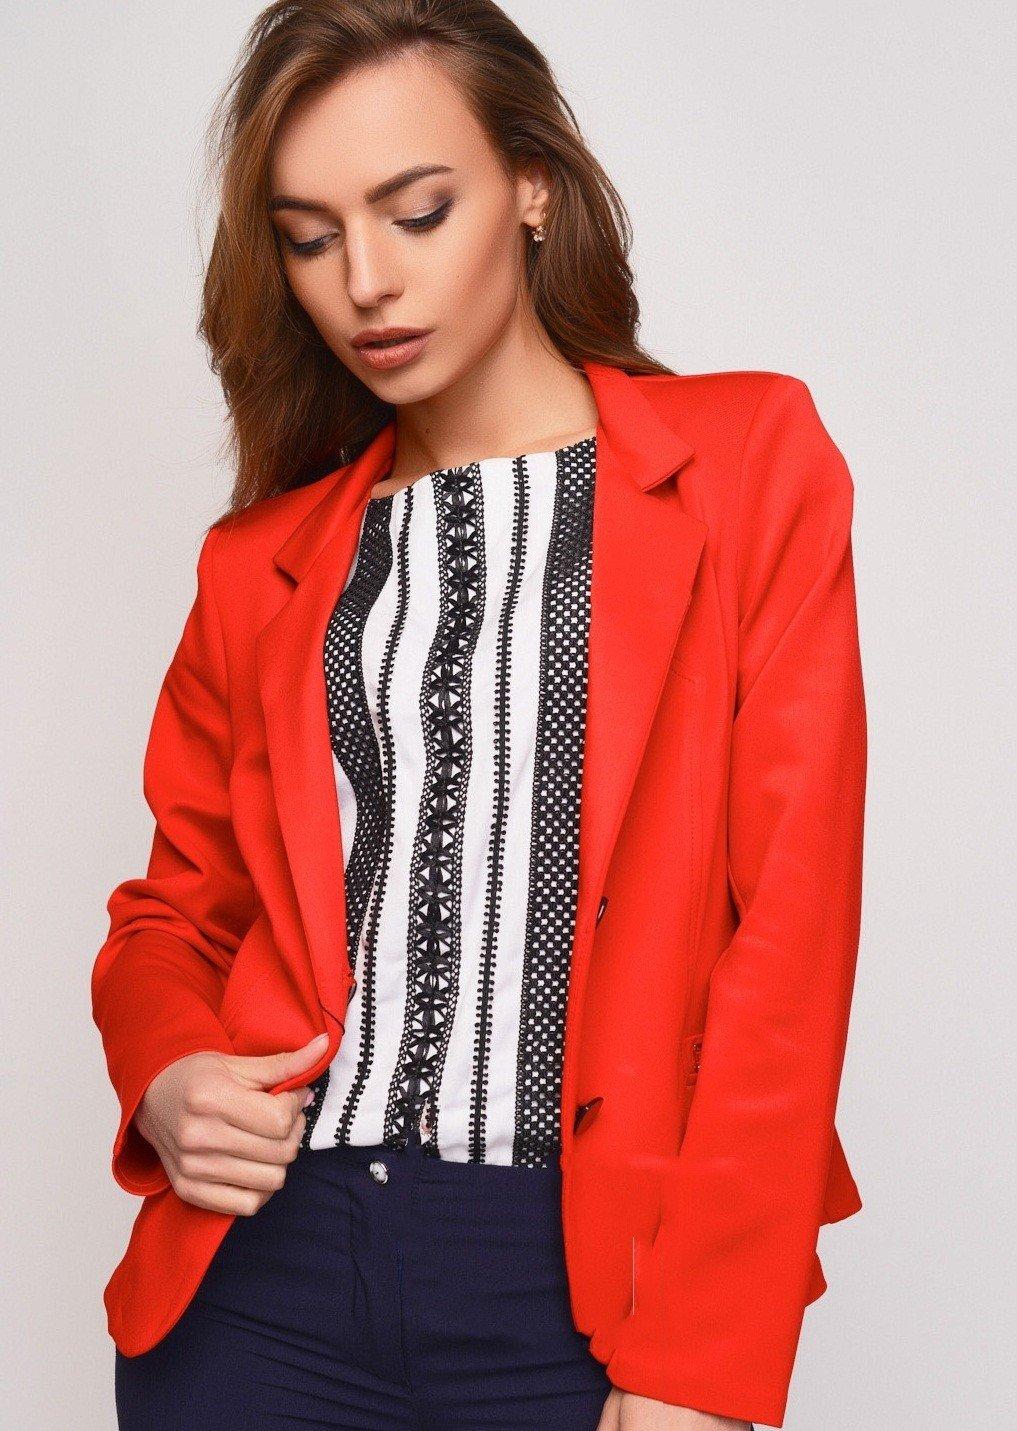 красный удлиненный пиджак женский 2018